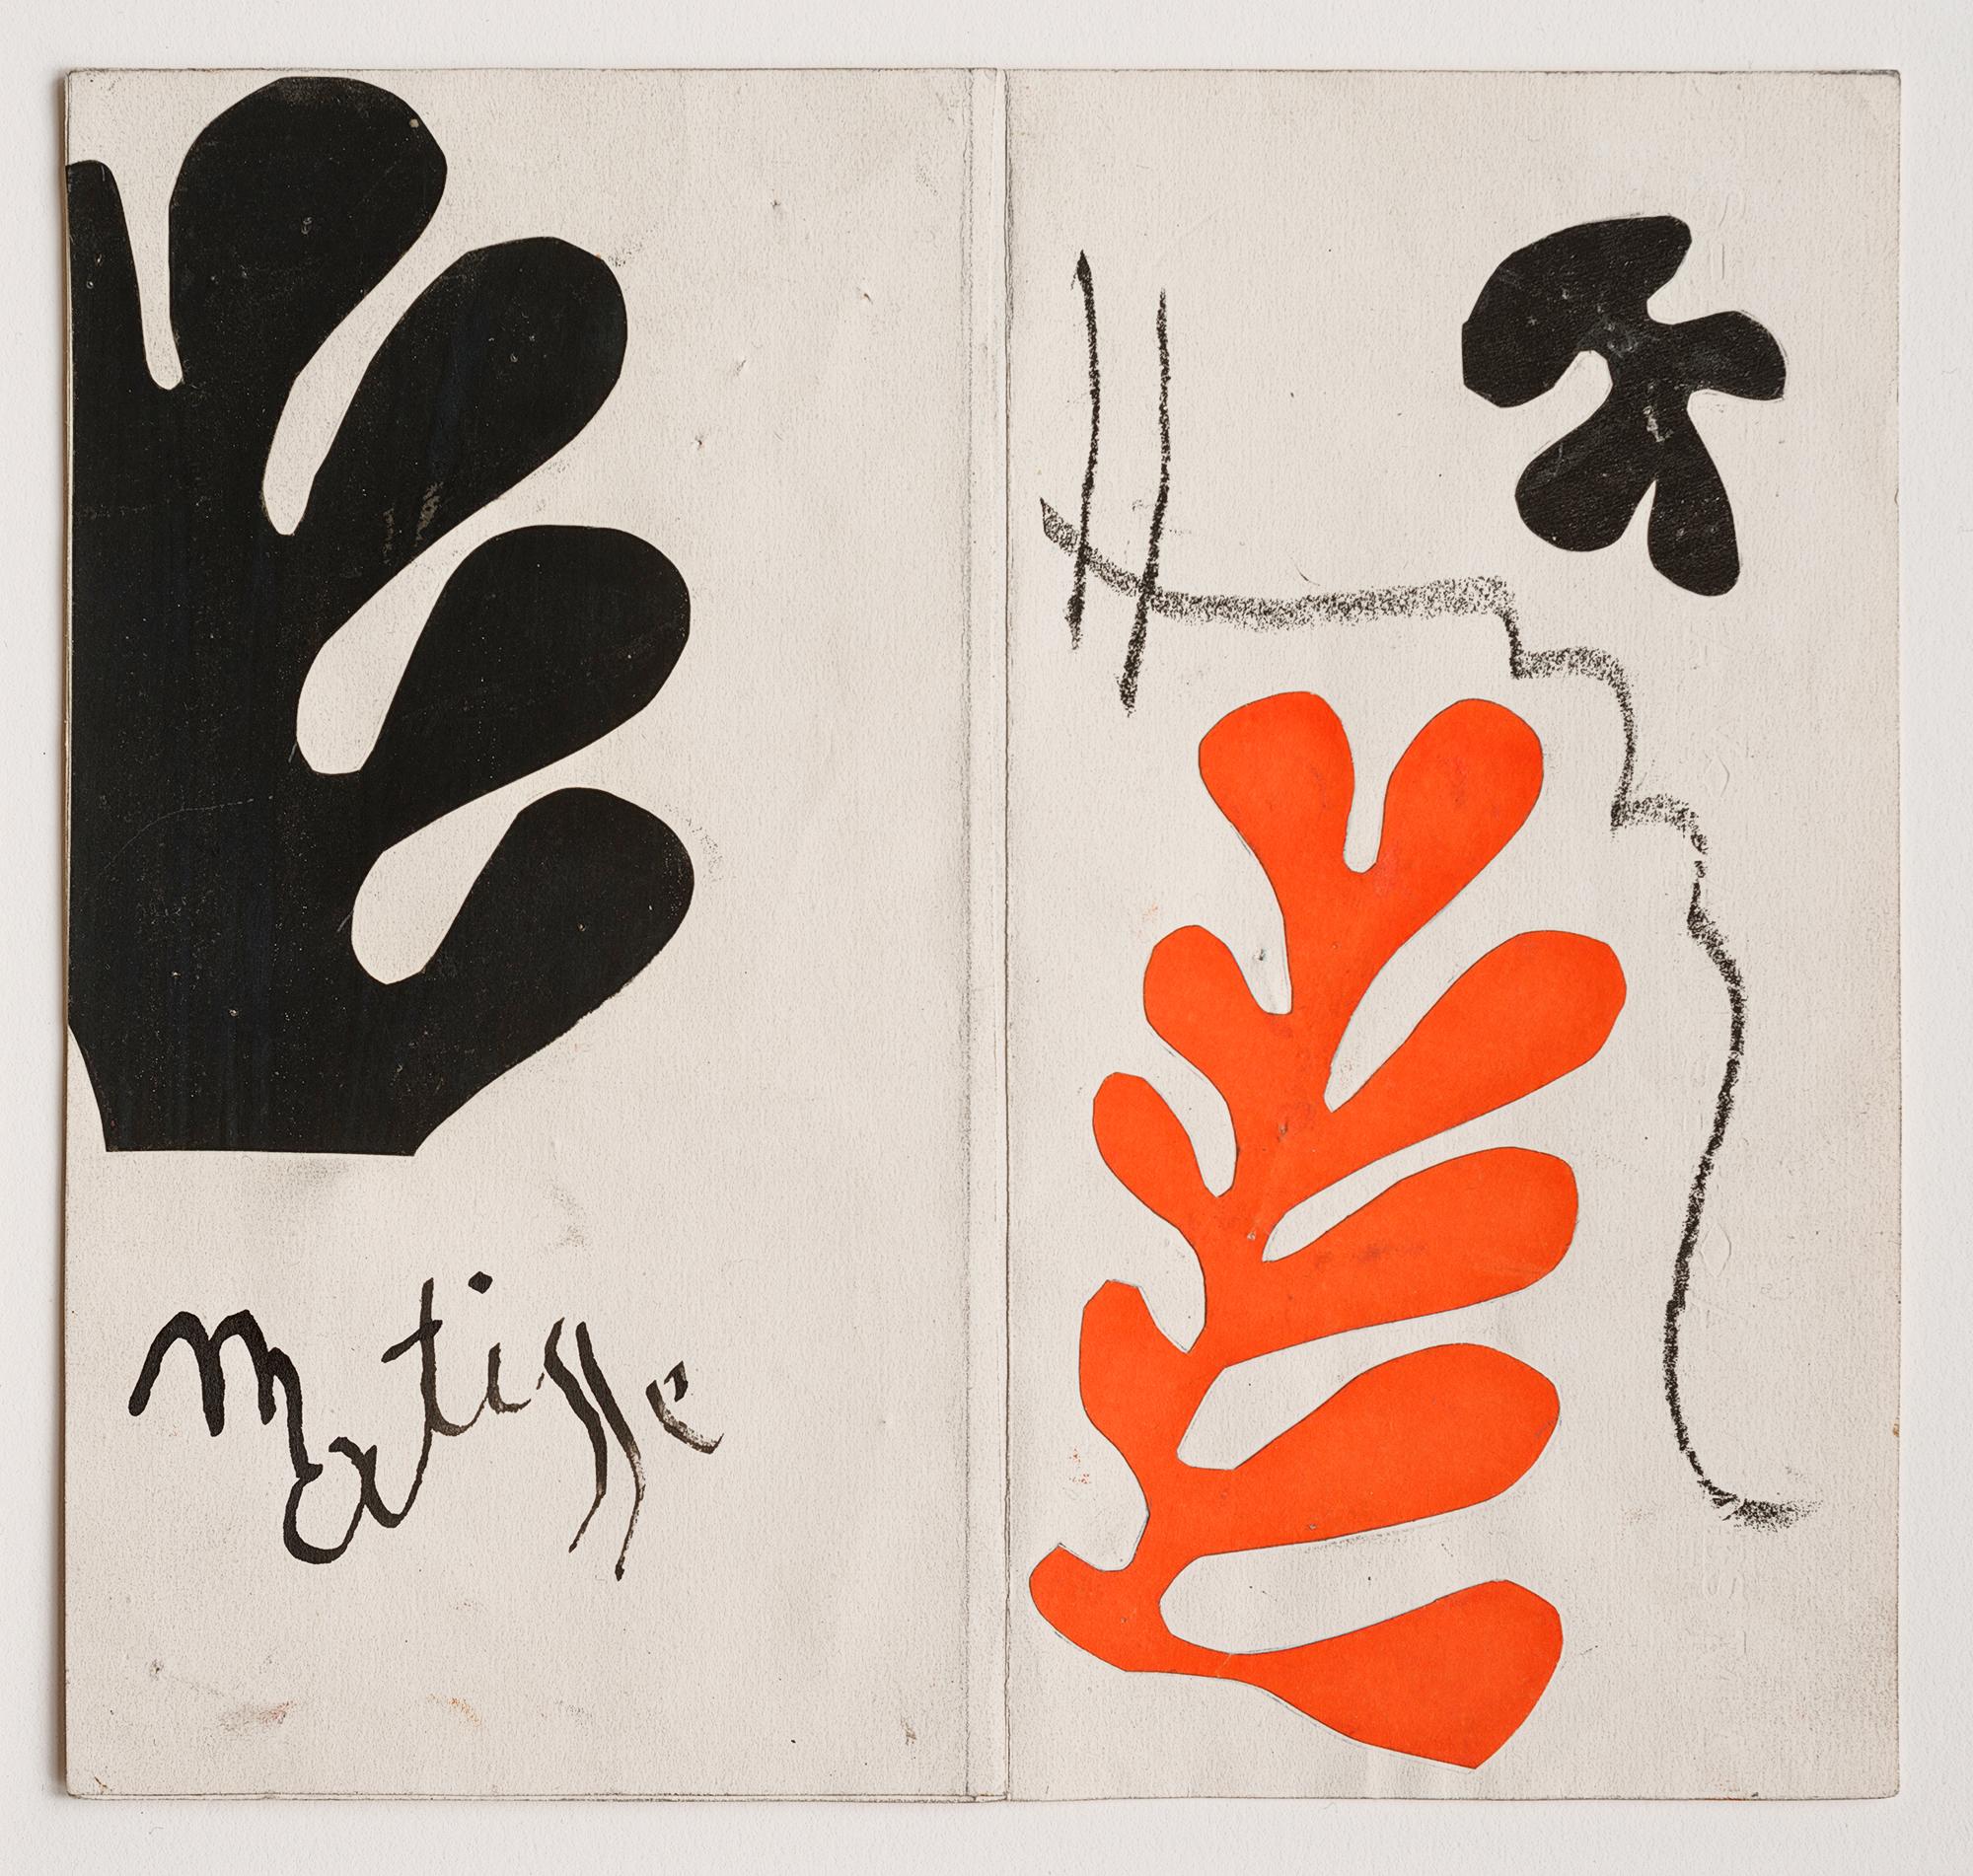 Henri Matisse (1869 - 1954)     Maquette for the 1954 Berggruen catalogue 'Henri Matisse: Lithographies Rares'    Gouache on paper, cut and pasted, 1954     Exhibited   Patrice Deparpe, 'Matisse. La couleur découpée. Une donation révélation', Musée Matisse Le Cateau-Cambrésis, Le Cateau-Cambrésis, 9 March - 9 June 2013, cover of the exhibition catalogue.  'Henri Matisse: The Cut-Outs', Tate Modern, London, 17 April- 7 September 2014, illustrated p 191.